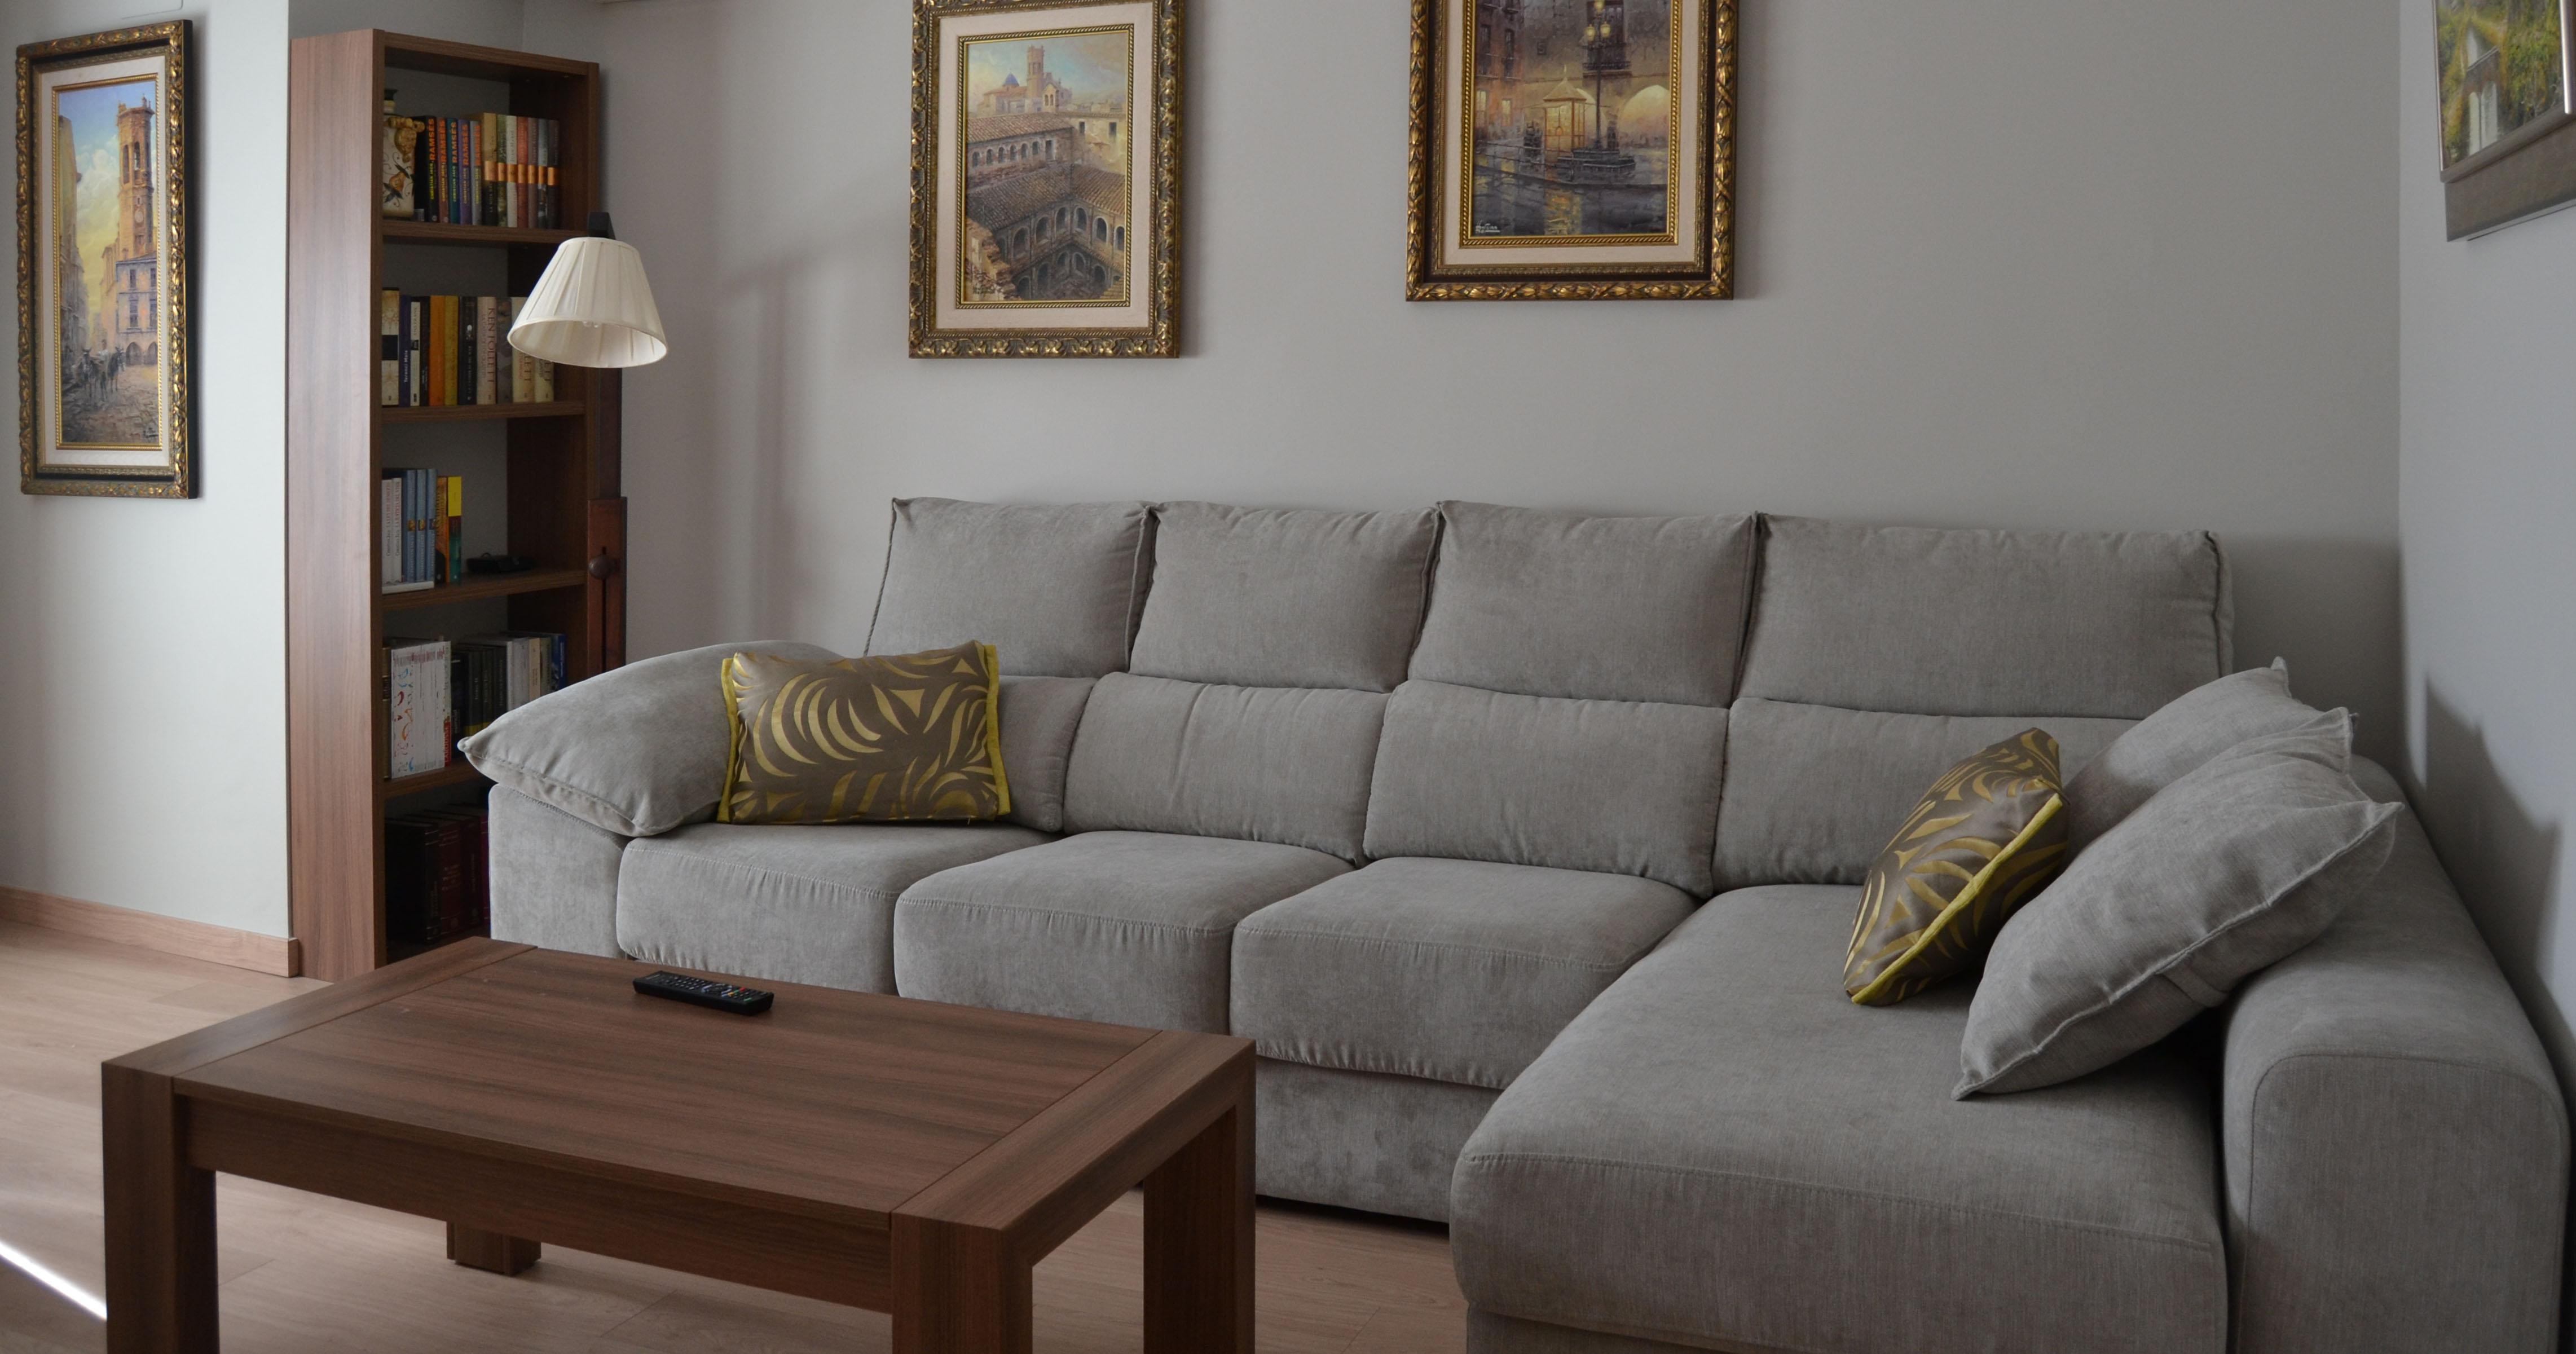 Un sal n en gris y amarillo villalba interiorismo for Salon en gris